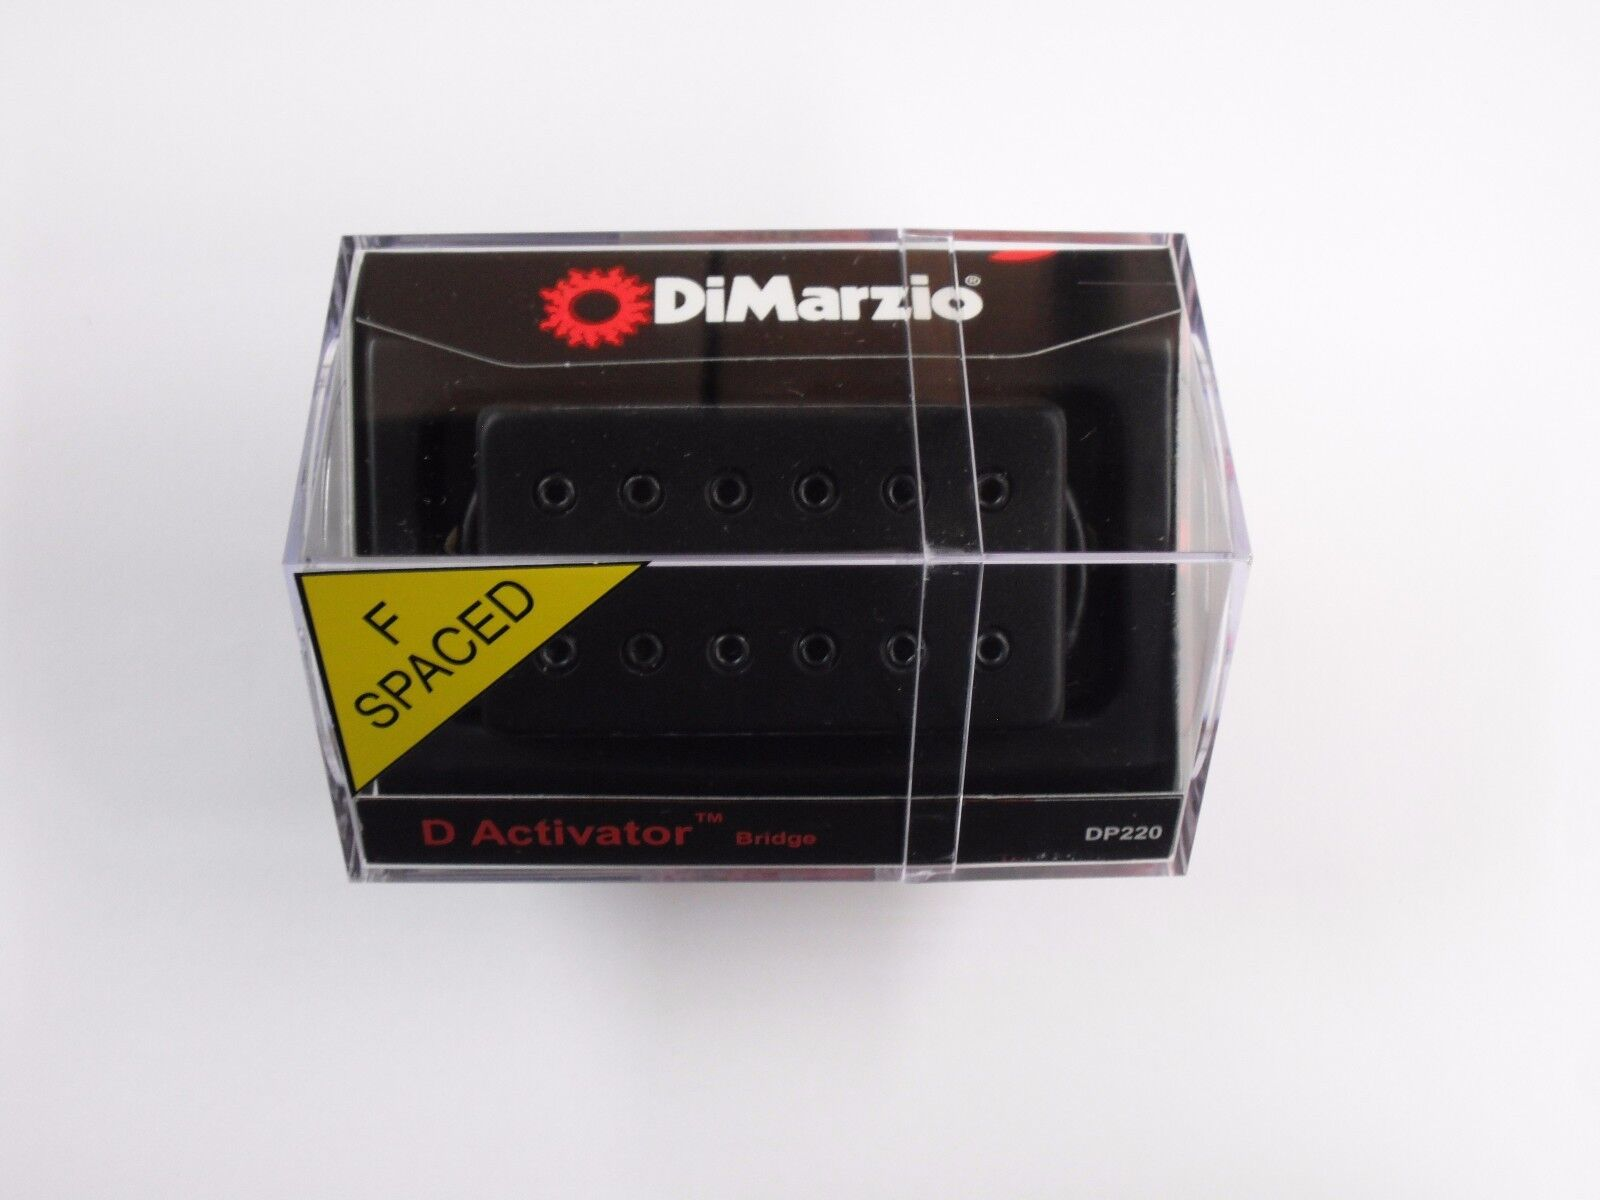 DiMarzio F-espaciados D Activator puente Humbucker Negro Con Con Con Cubierta Negra DP 220  más orden